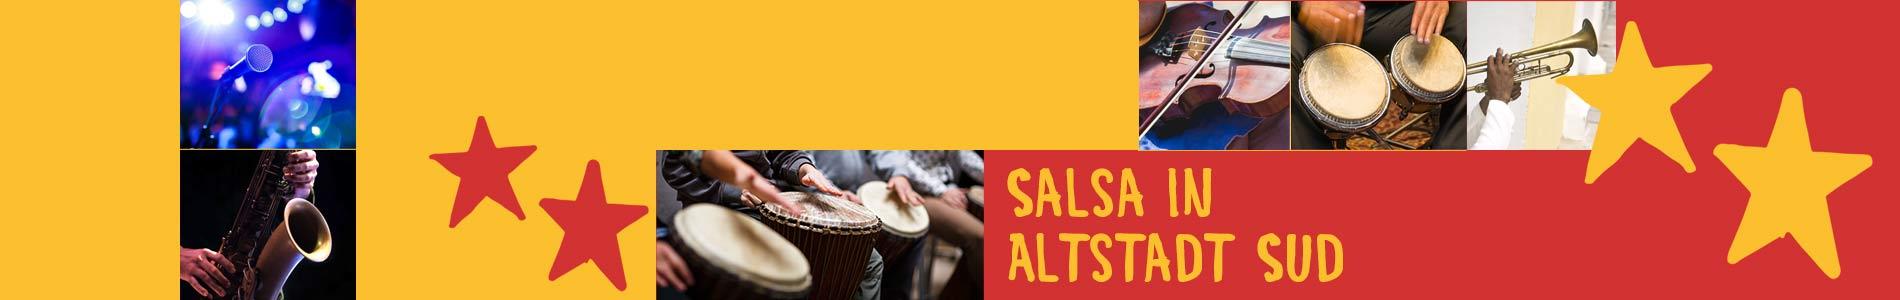 Salsa in Altstadt Sud – Salsa lernen und tanzen, Tanzkurse, Partys, Veranstaltungen